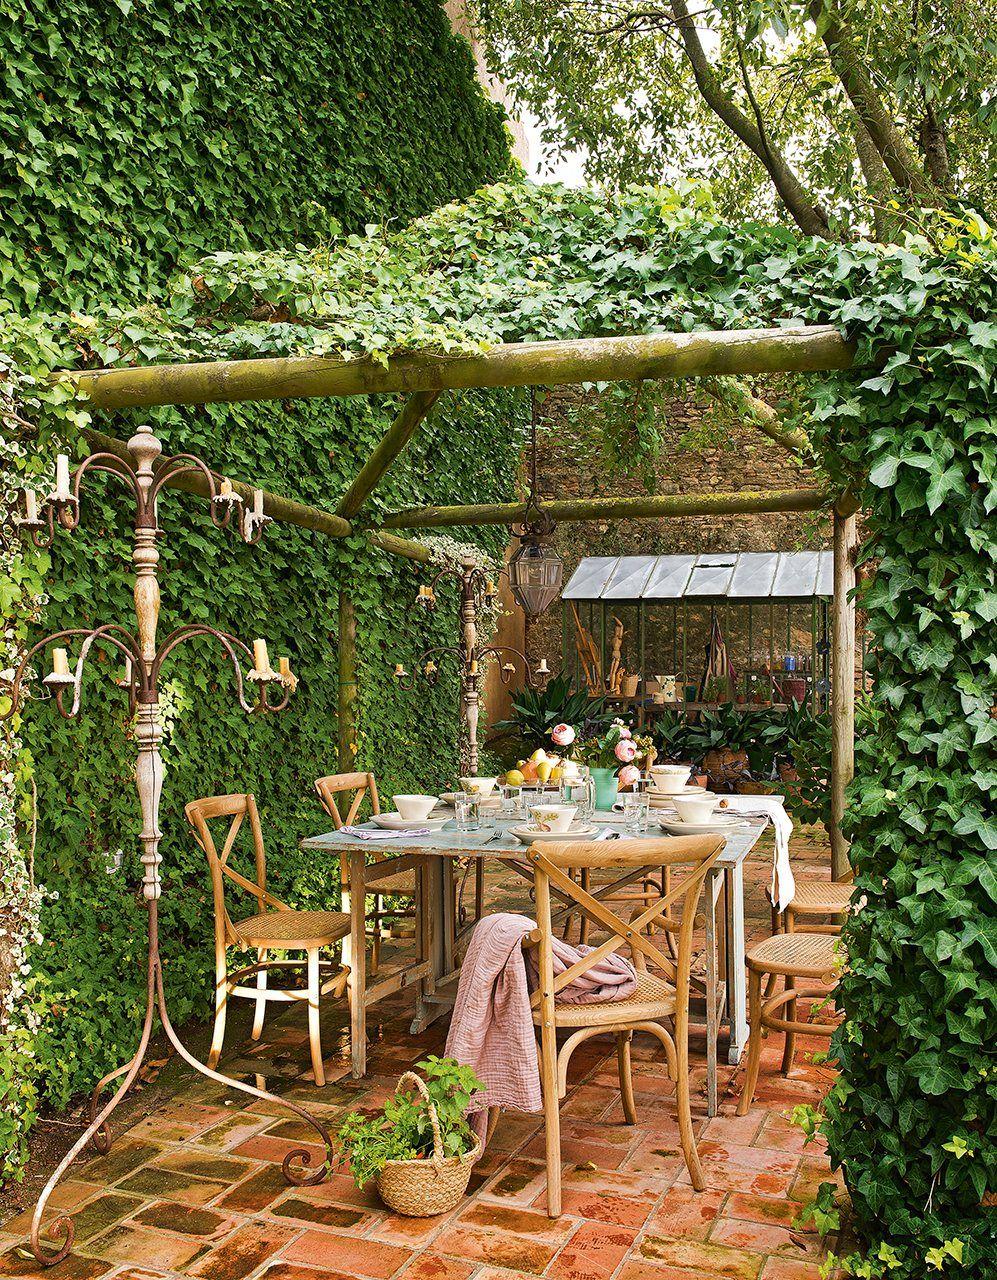 Uma casa para um estilo de vida tranquilo: https://www.casadevalentina.com.br/blog/CASA%20DE%20VIDA%20SIMPLES  -------------------------------- A home for a quiet life style: https://www.casadevalentina.com.br/blog/CASA%20DE%20VIDA%20SIMPLES